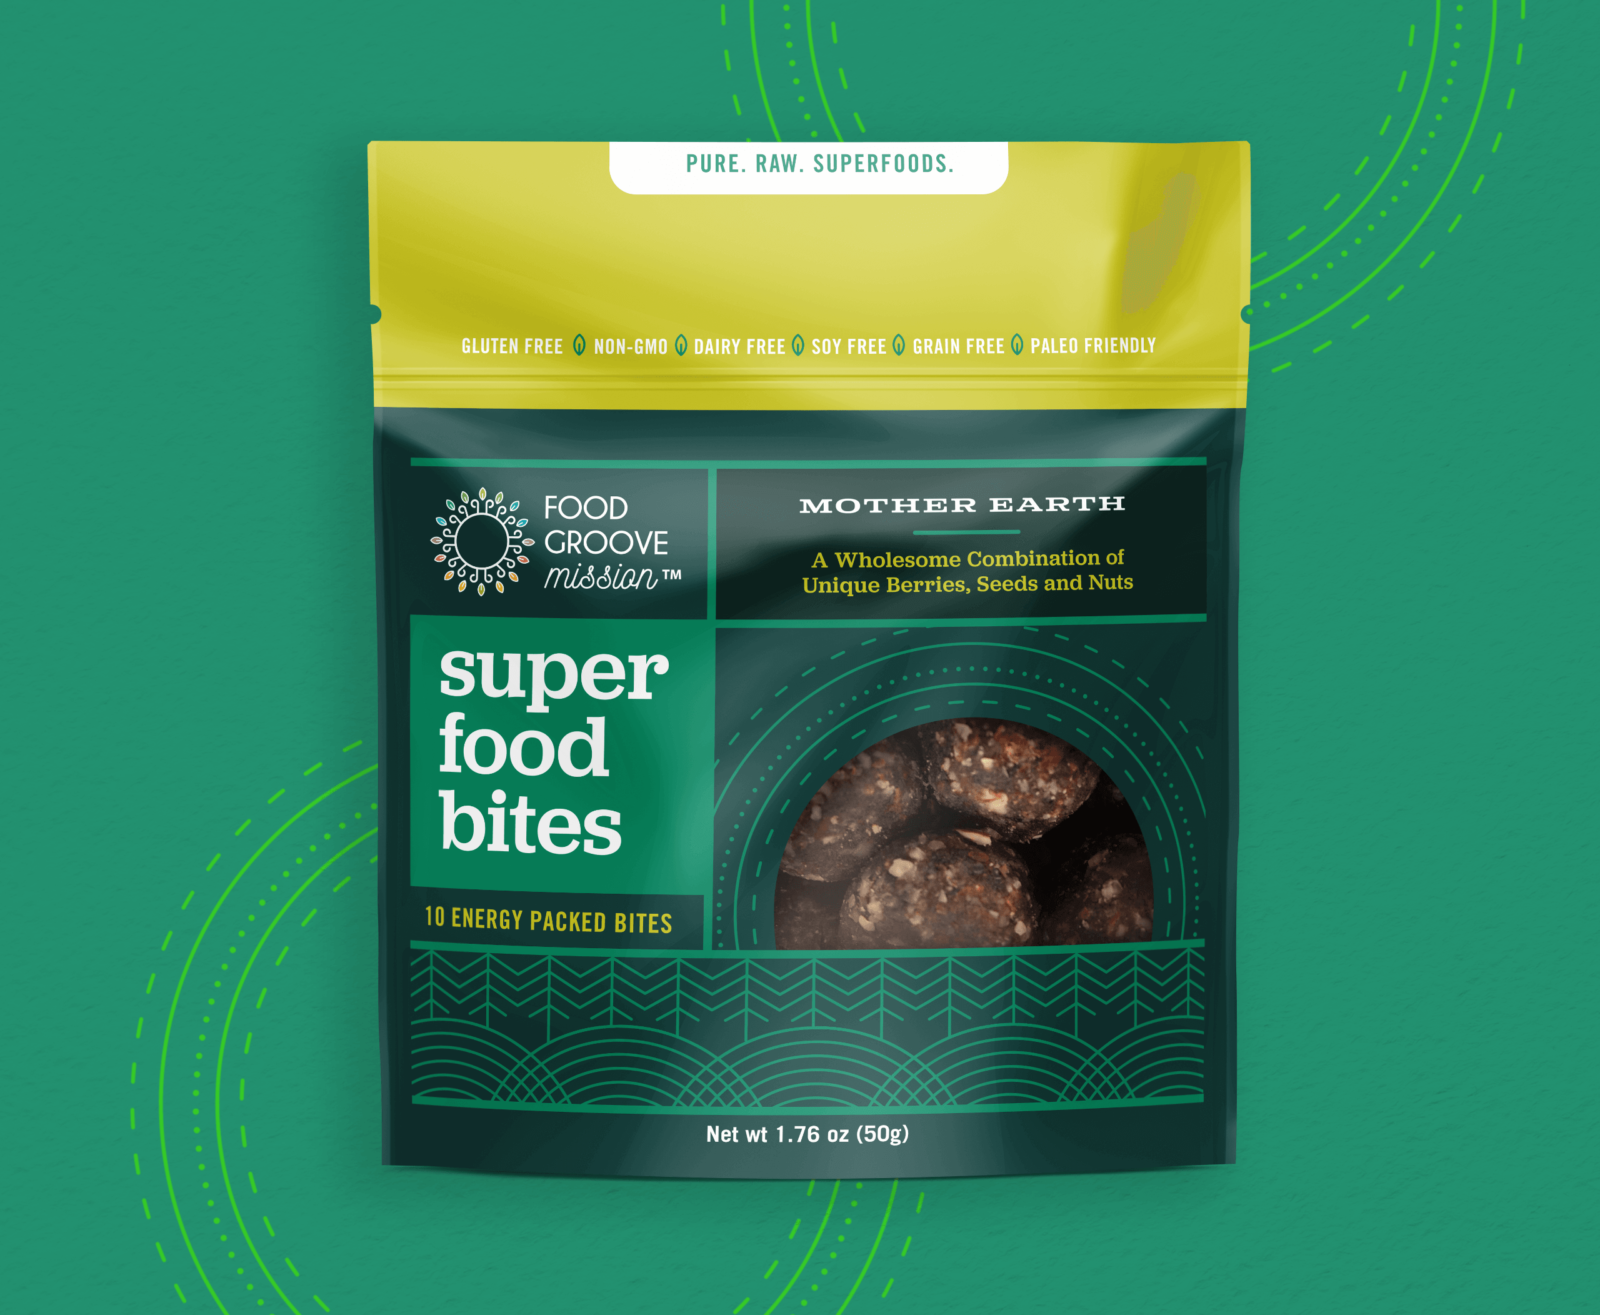 Food Groove Bites Packaging Green